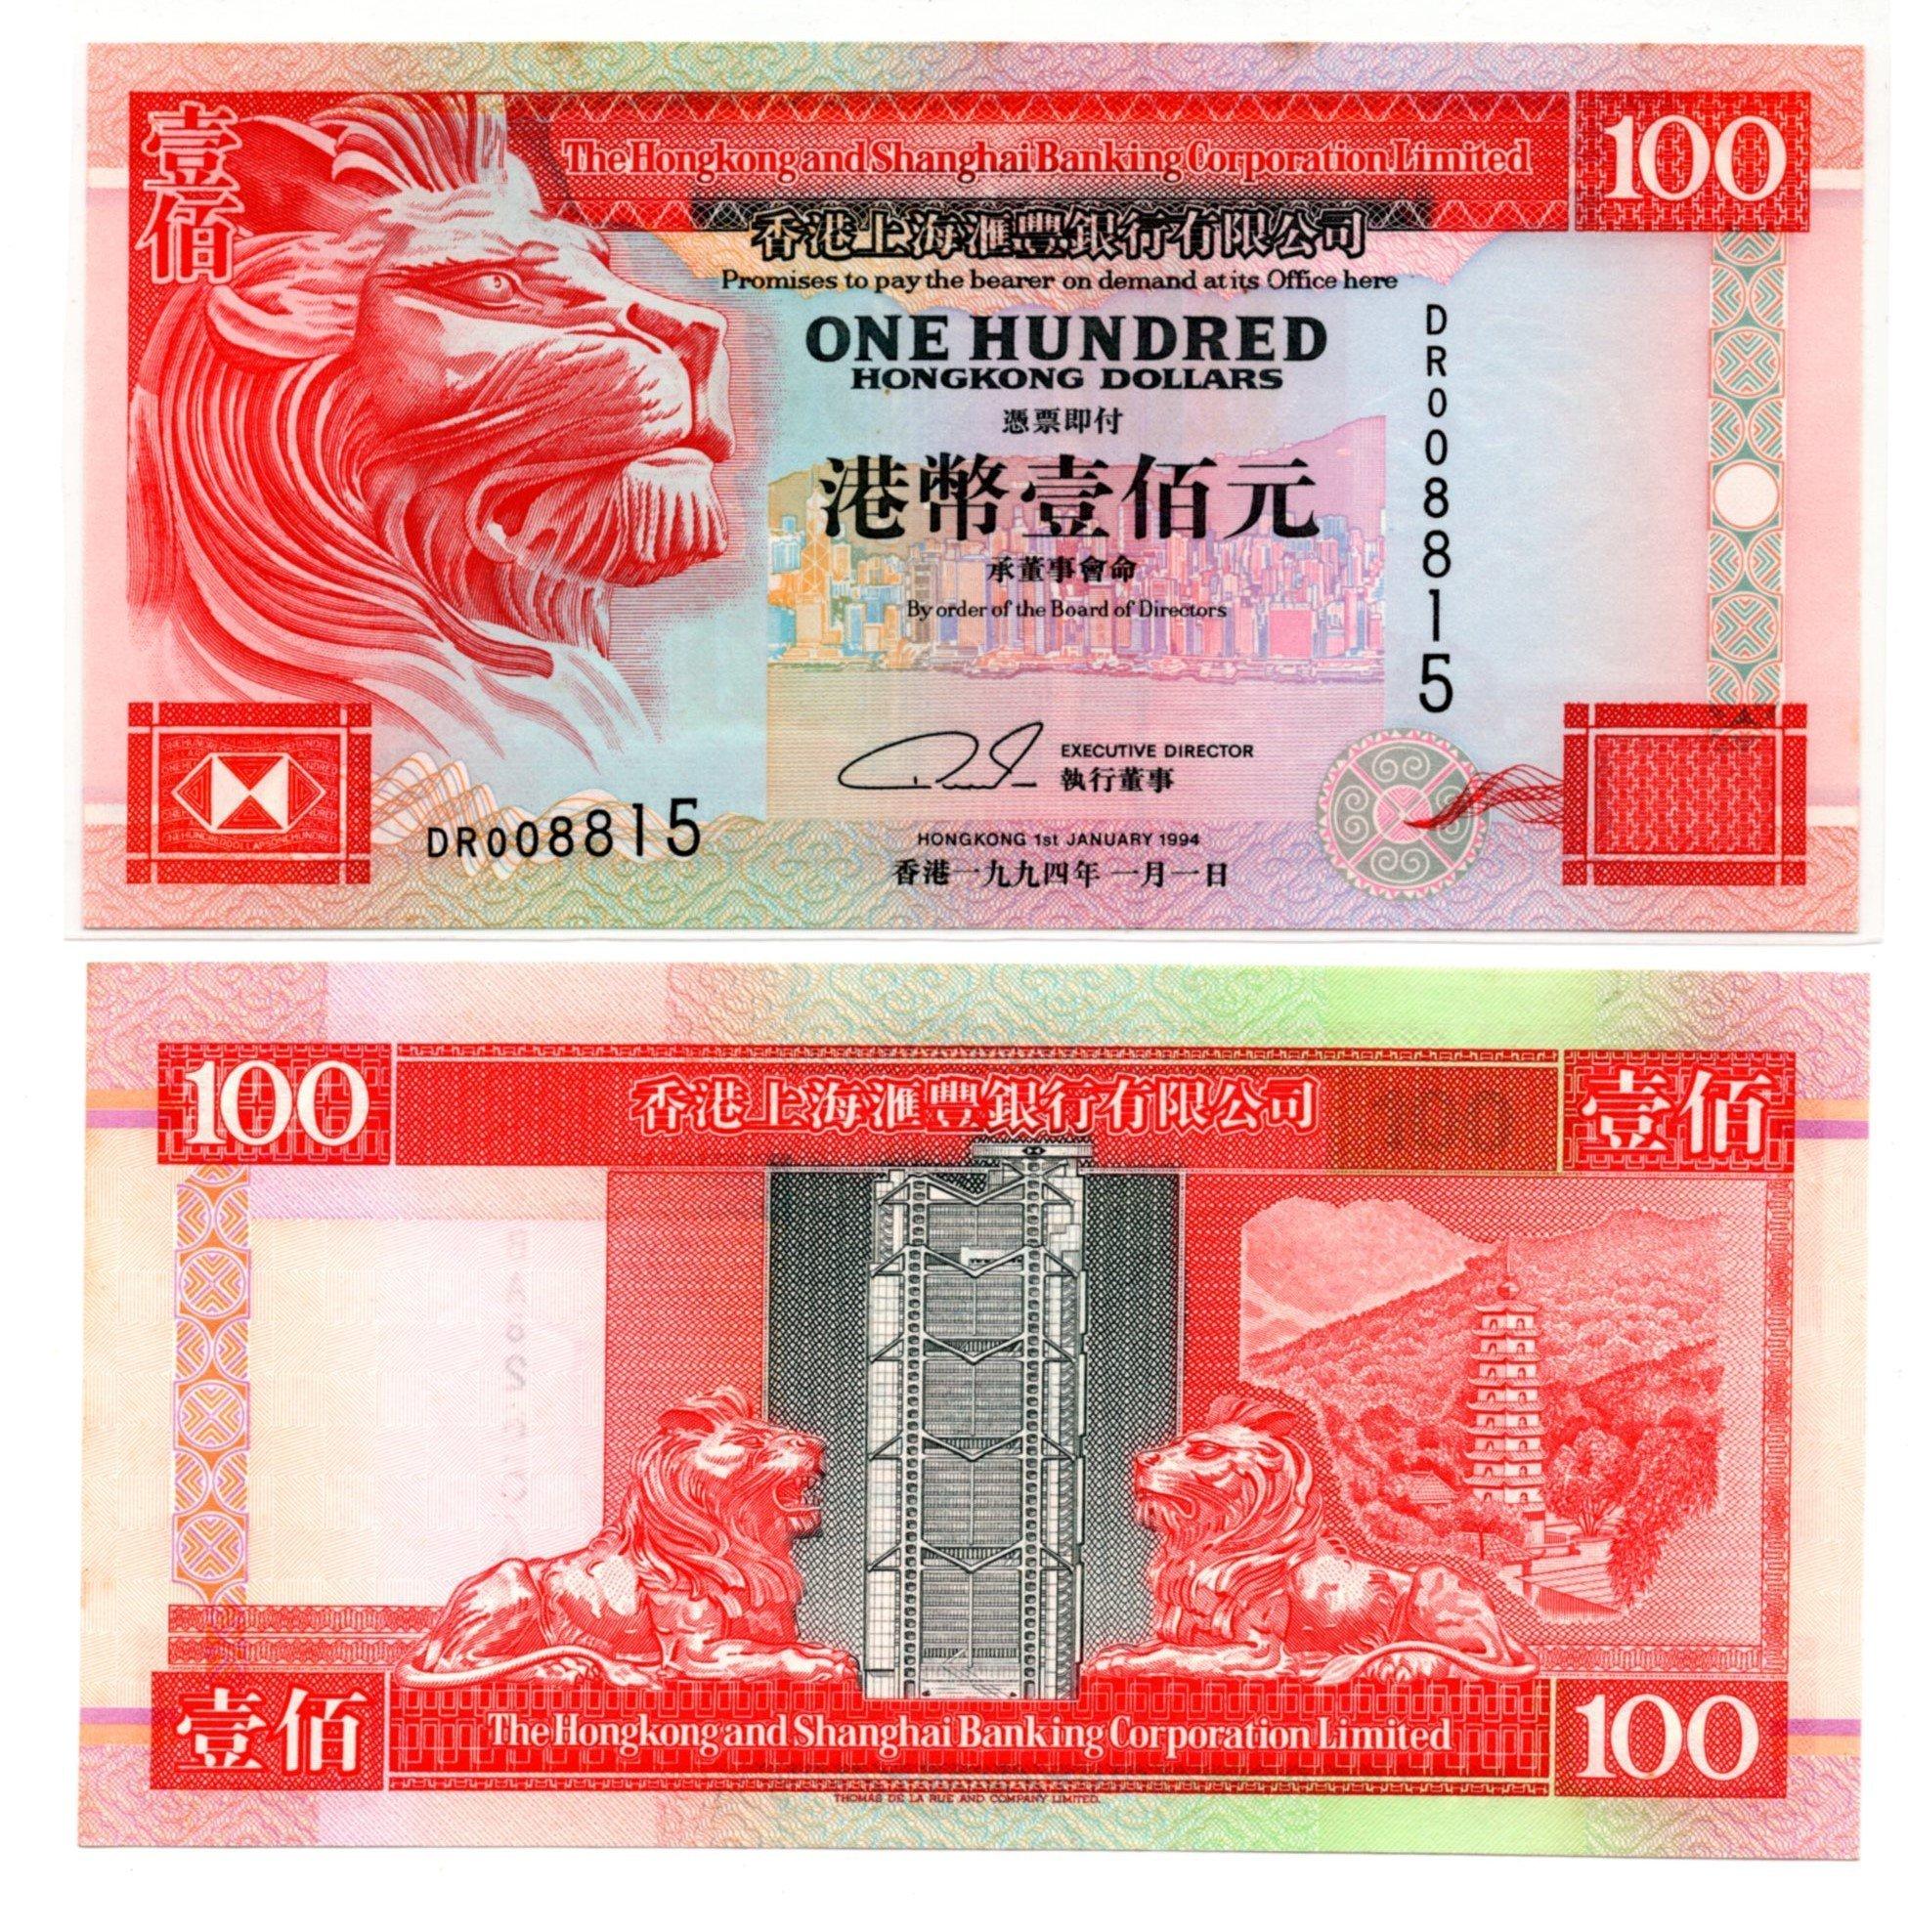 HK 100 dollars P203